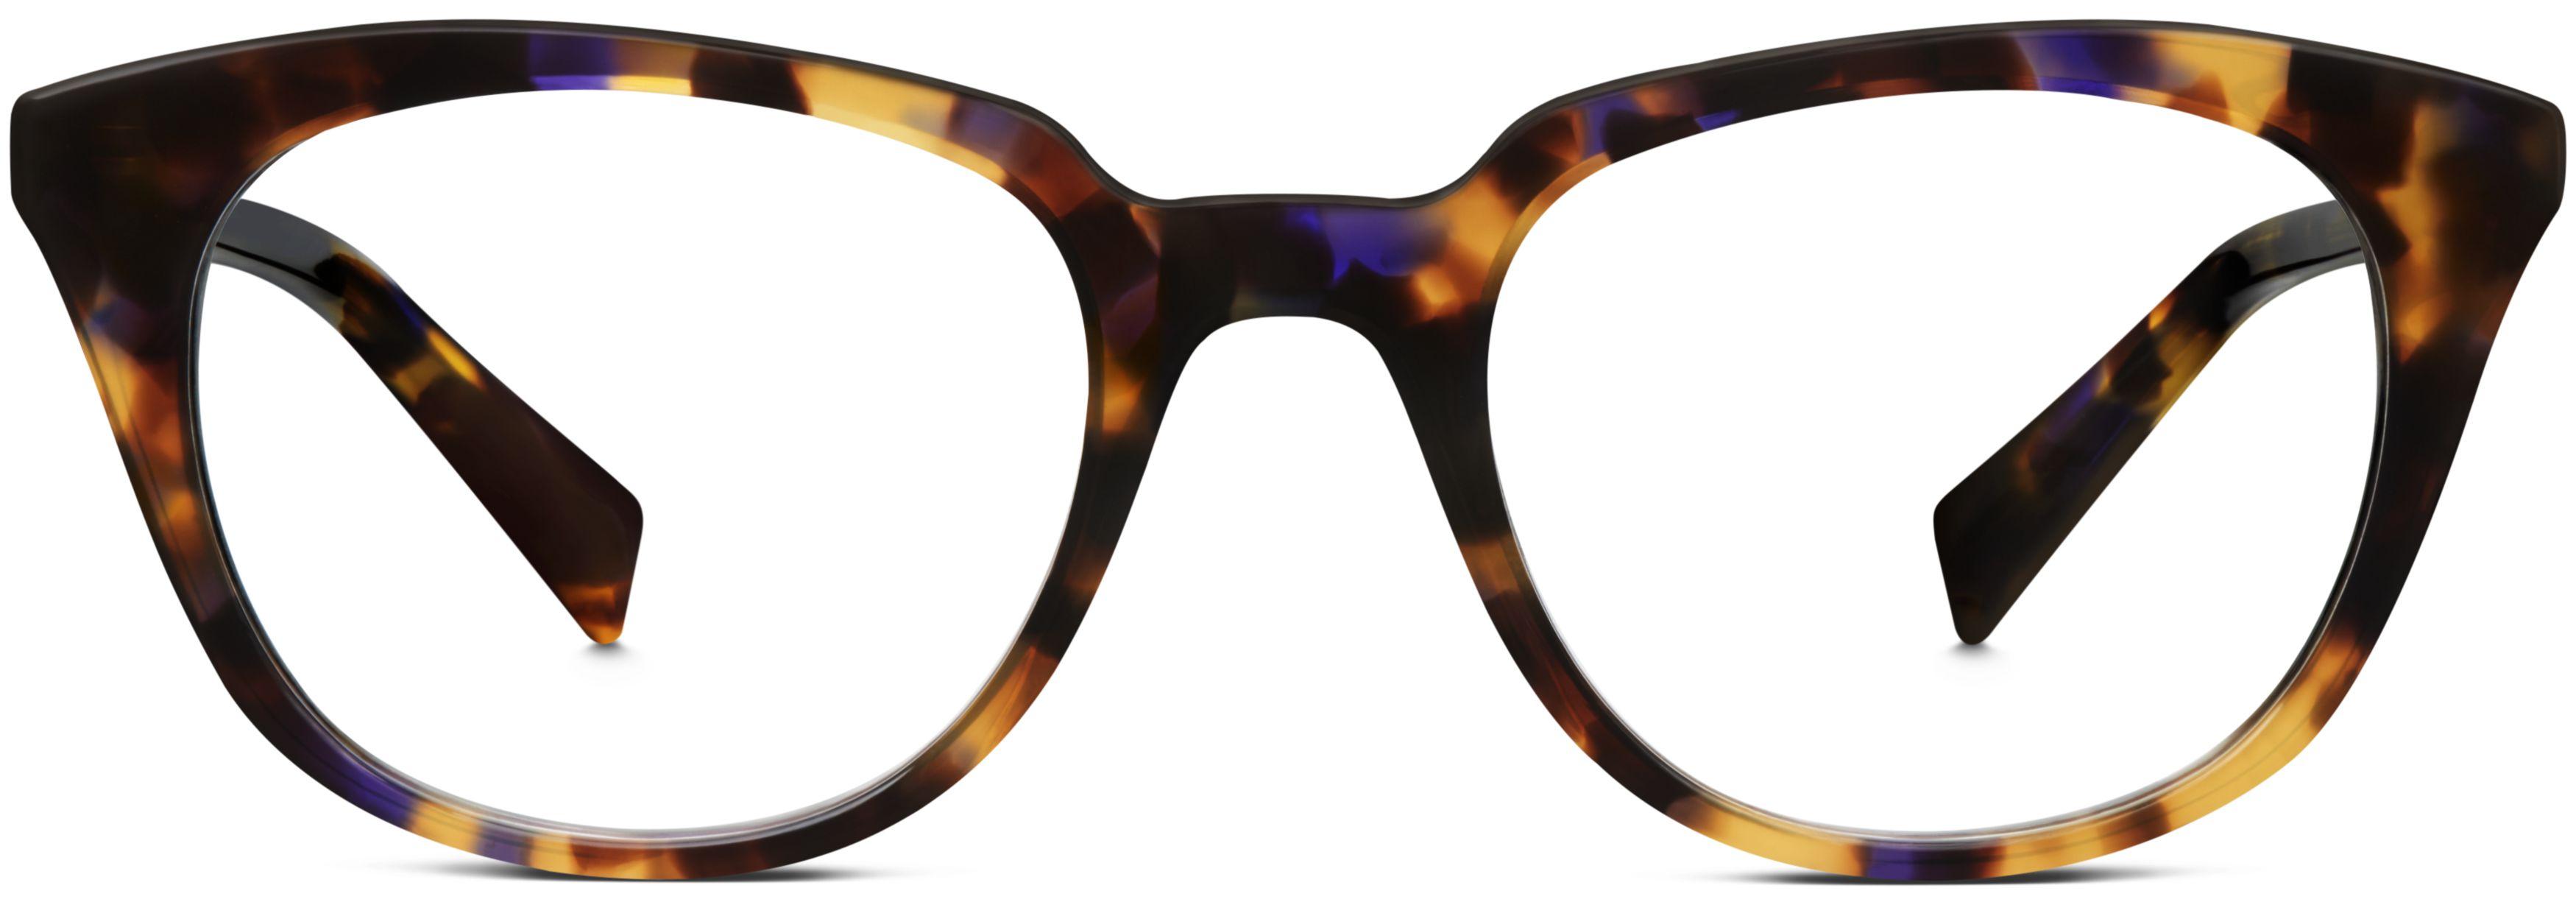 d94568b30b Chelsea Eyeglasses in Violet Magnolia for Women